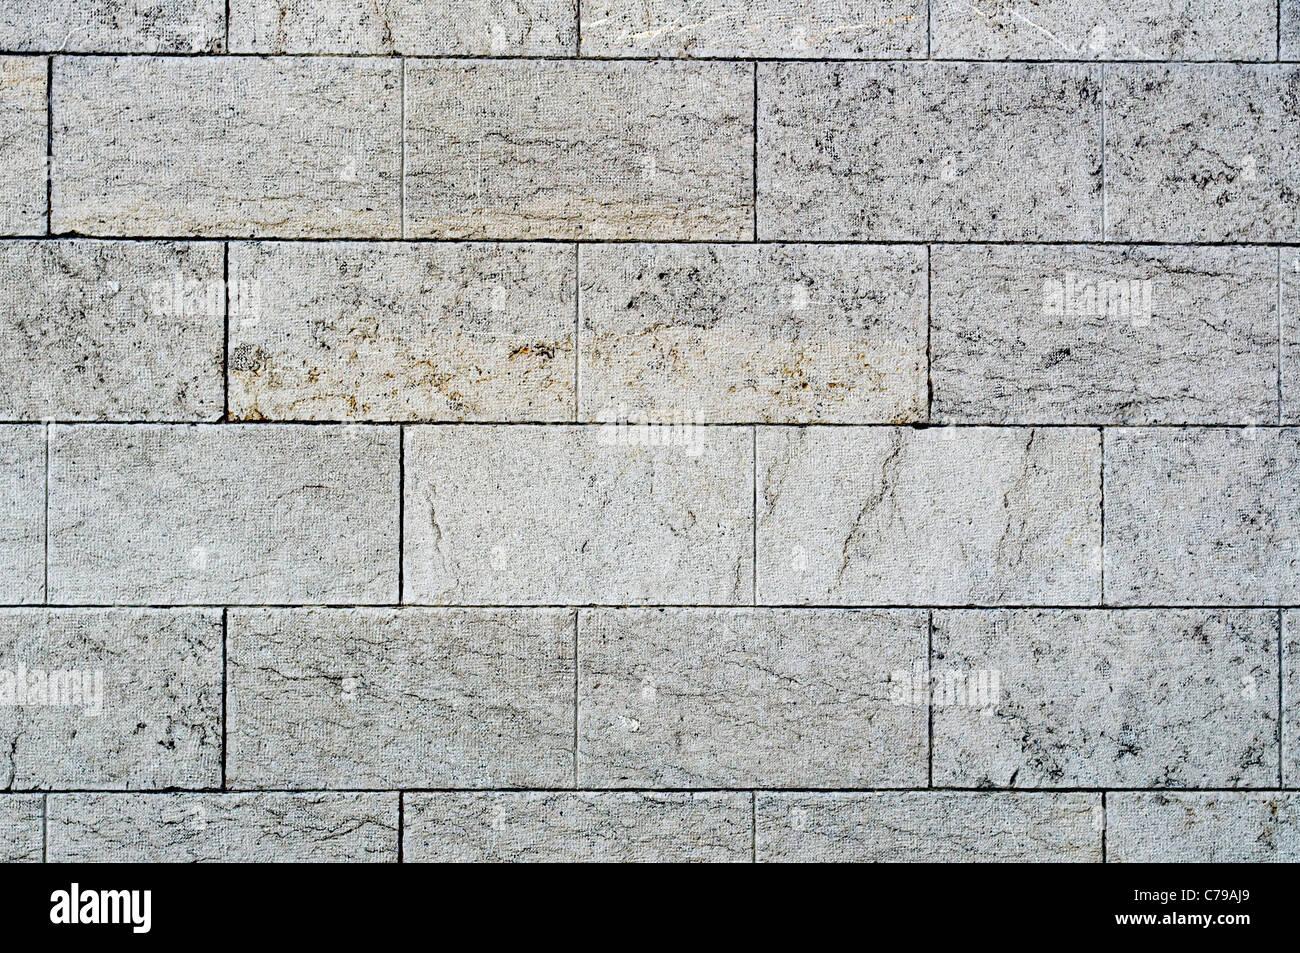 Texture di antichi muri di pietra come sfondo Immagini Stock